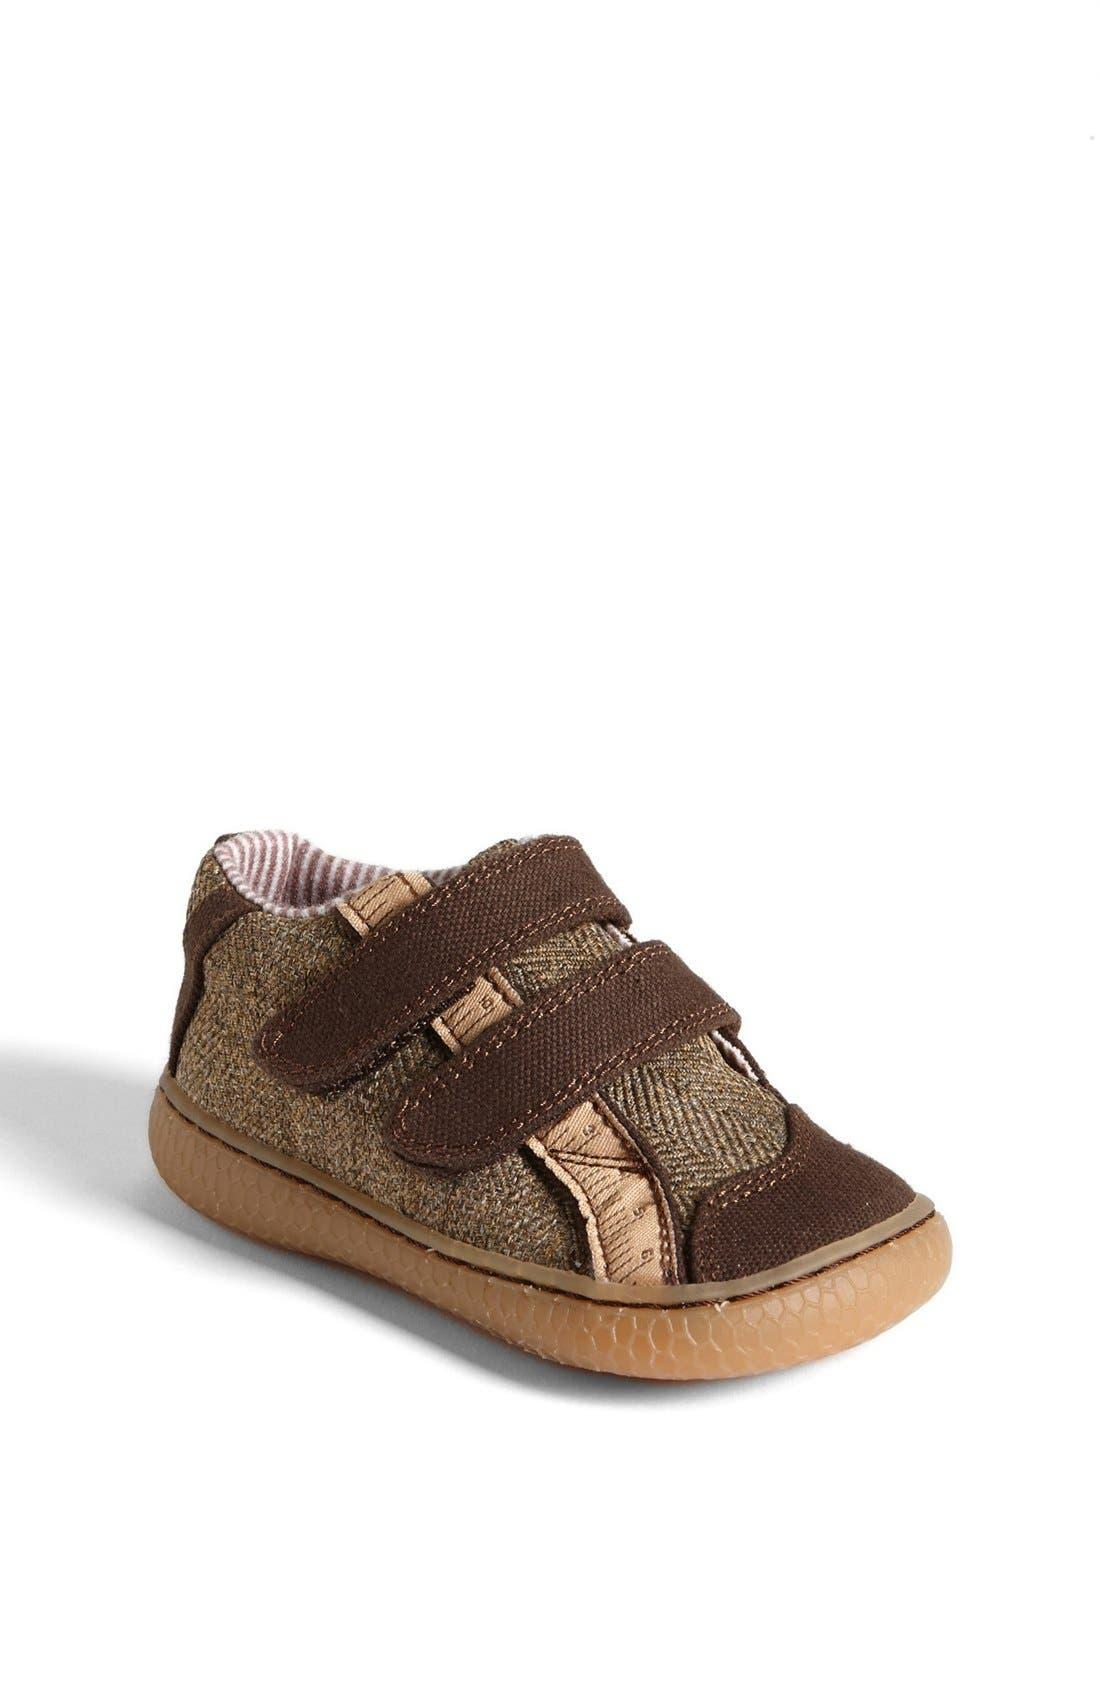 Alternate Image 1 Selected - Livie & Luca 'Bernal' Sneaker (Baby, Walker, Toddler & Little Kid)